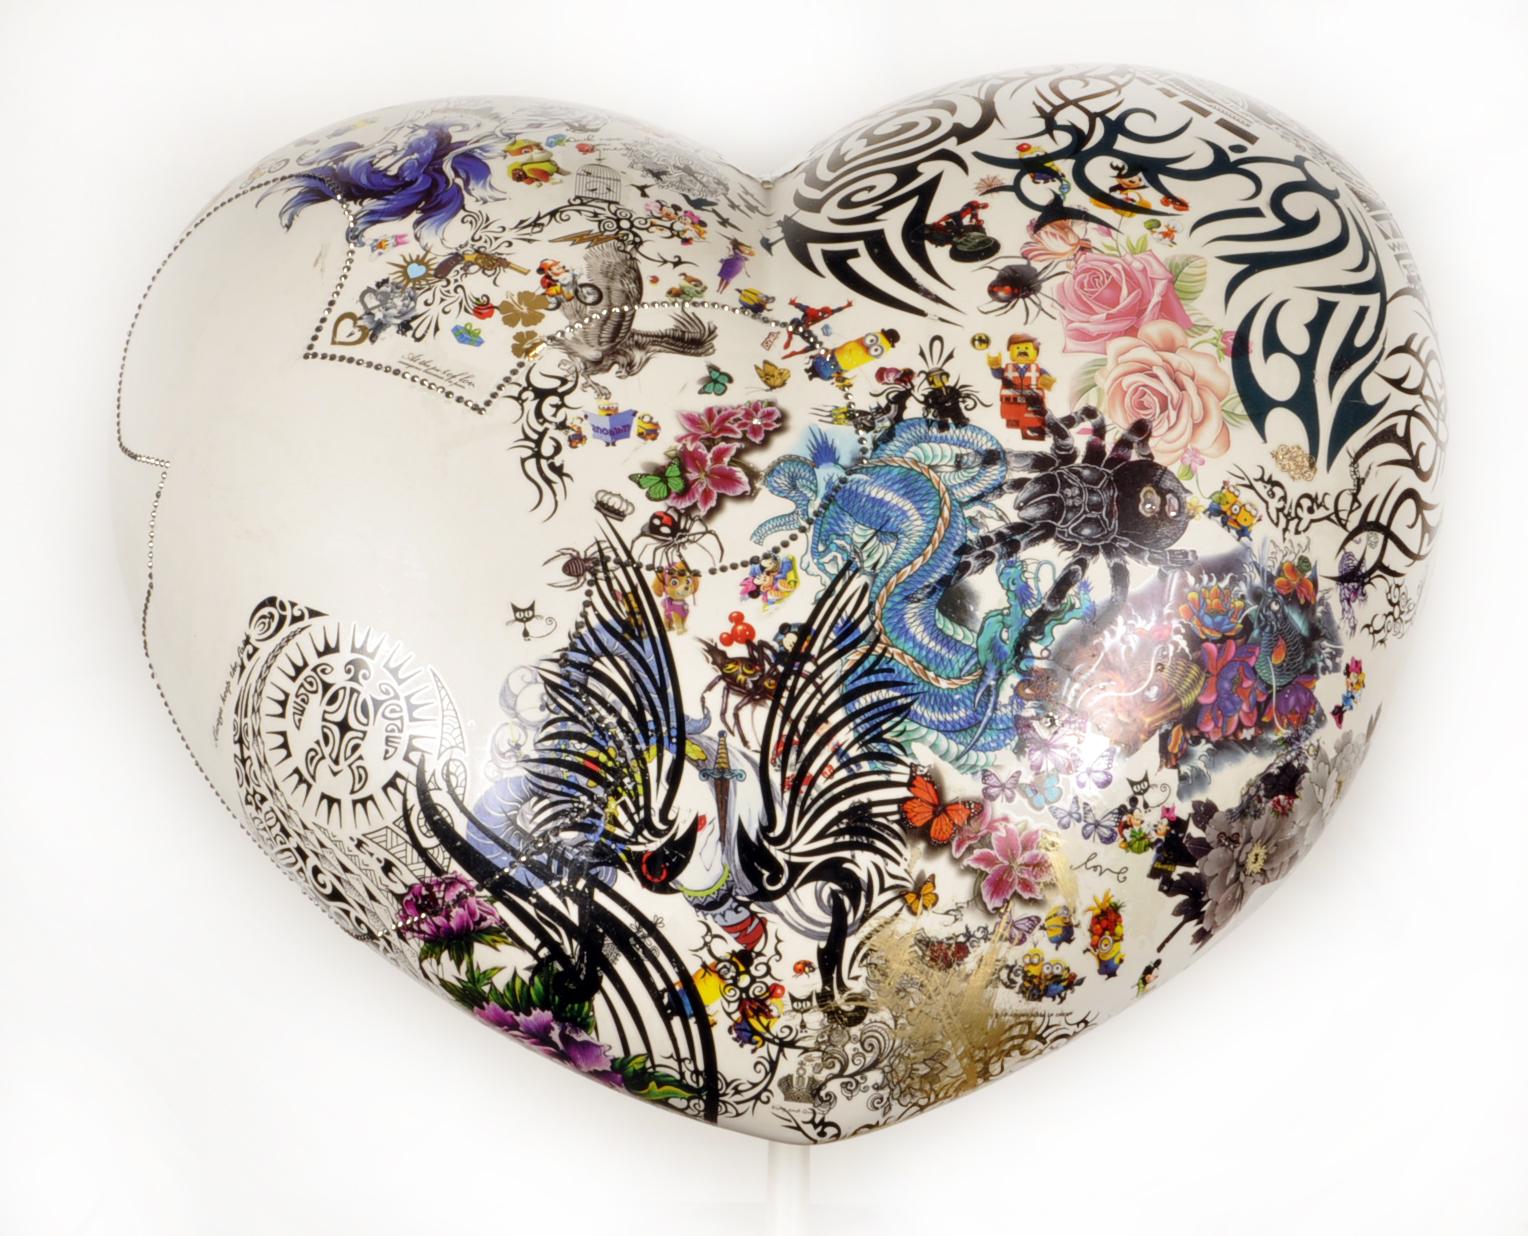 Lifetime-Compound-Materials-Tattoos-2017-70h-60w-50d-cm-copy